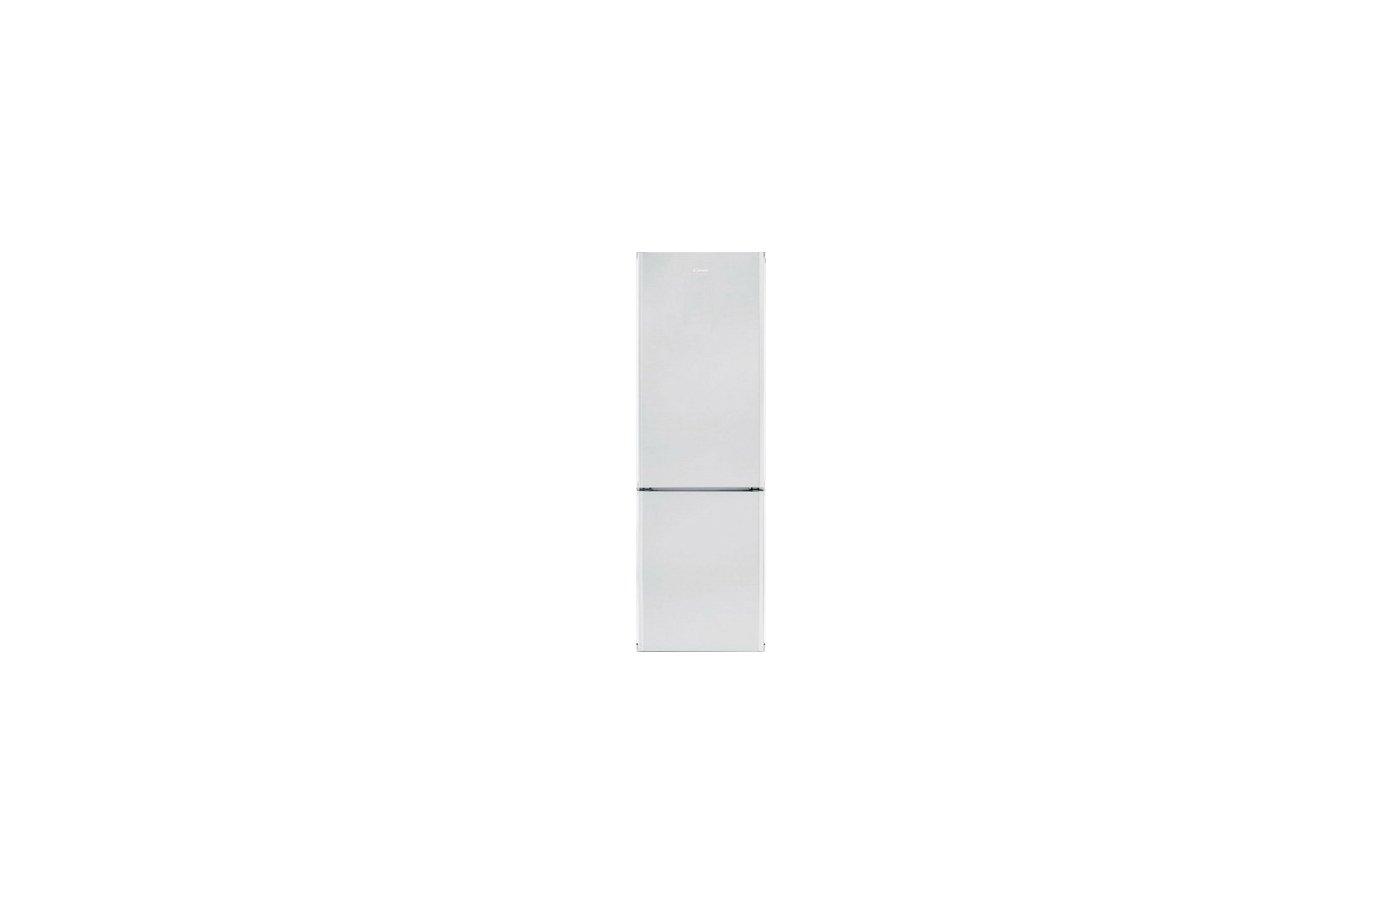 Холодильник CANDY CKBF 6200 W